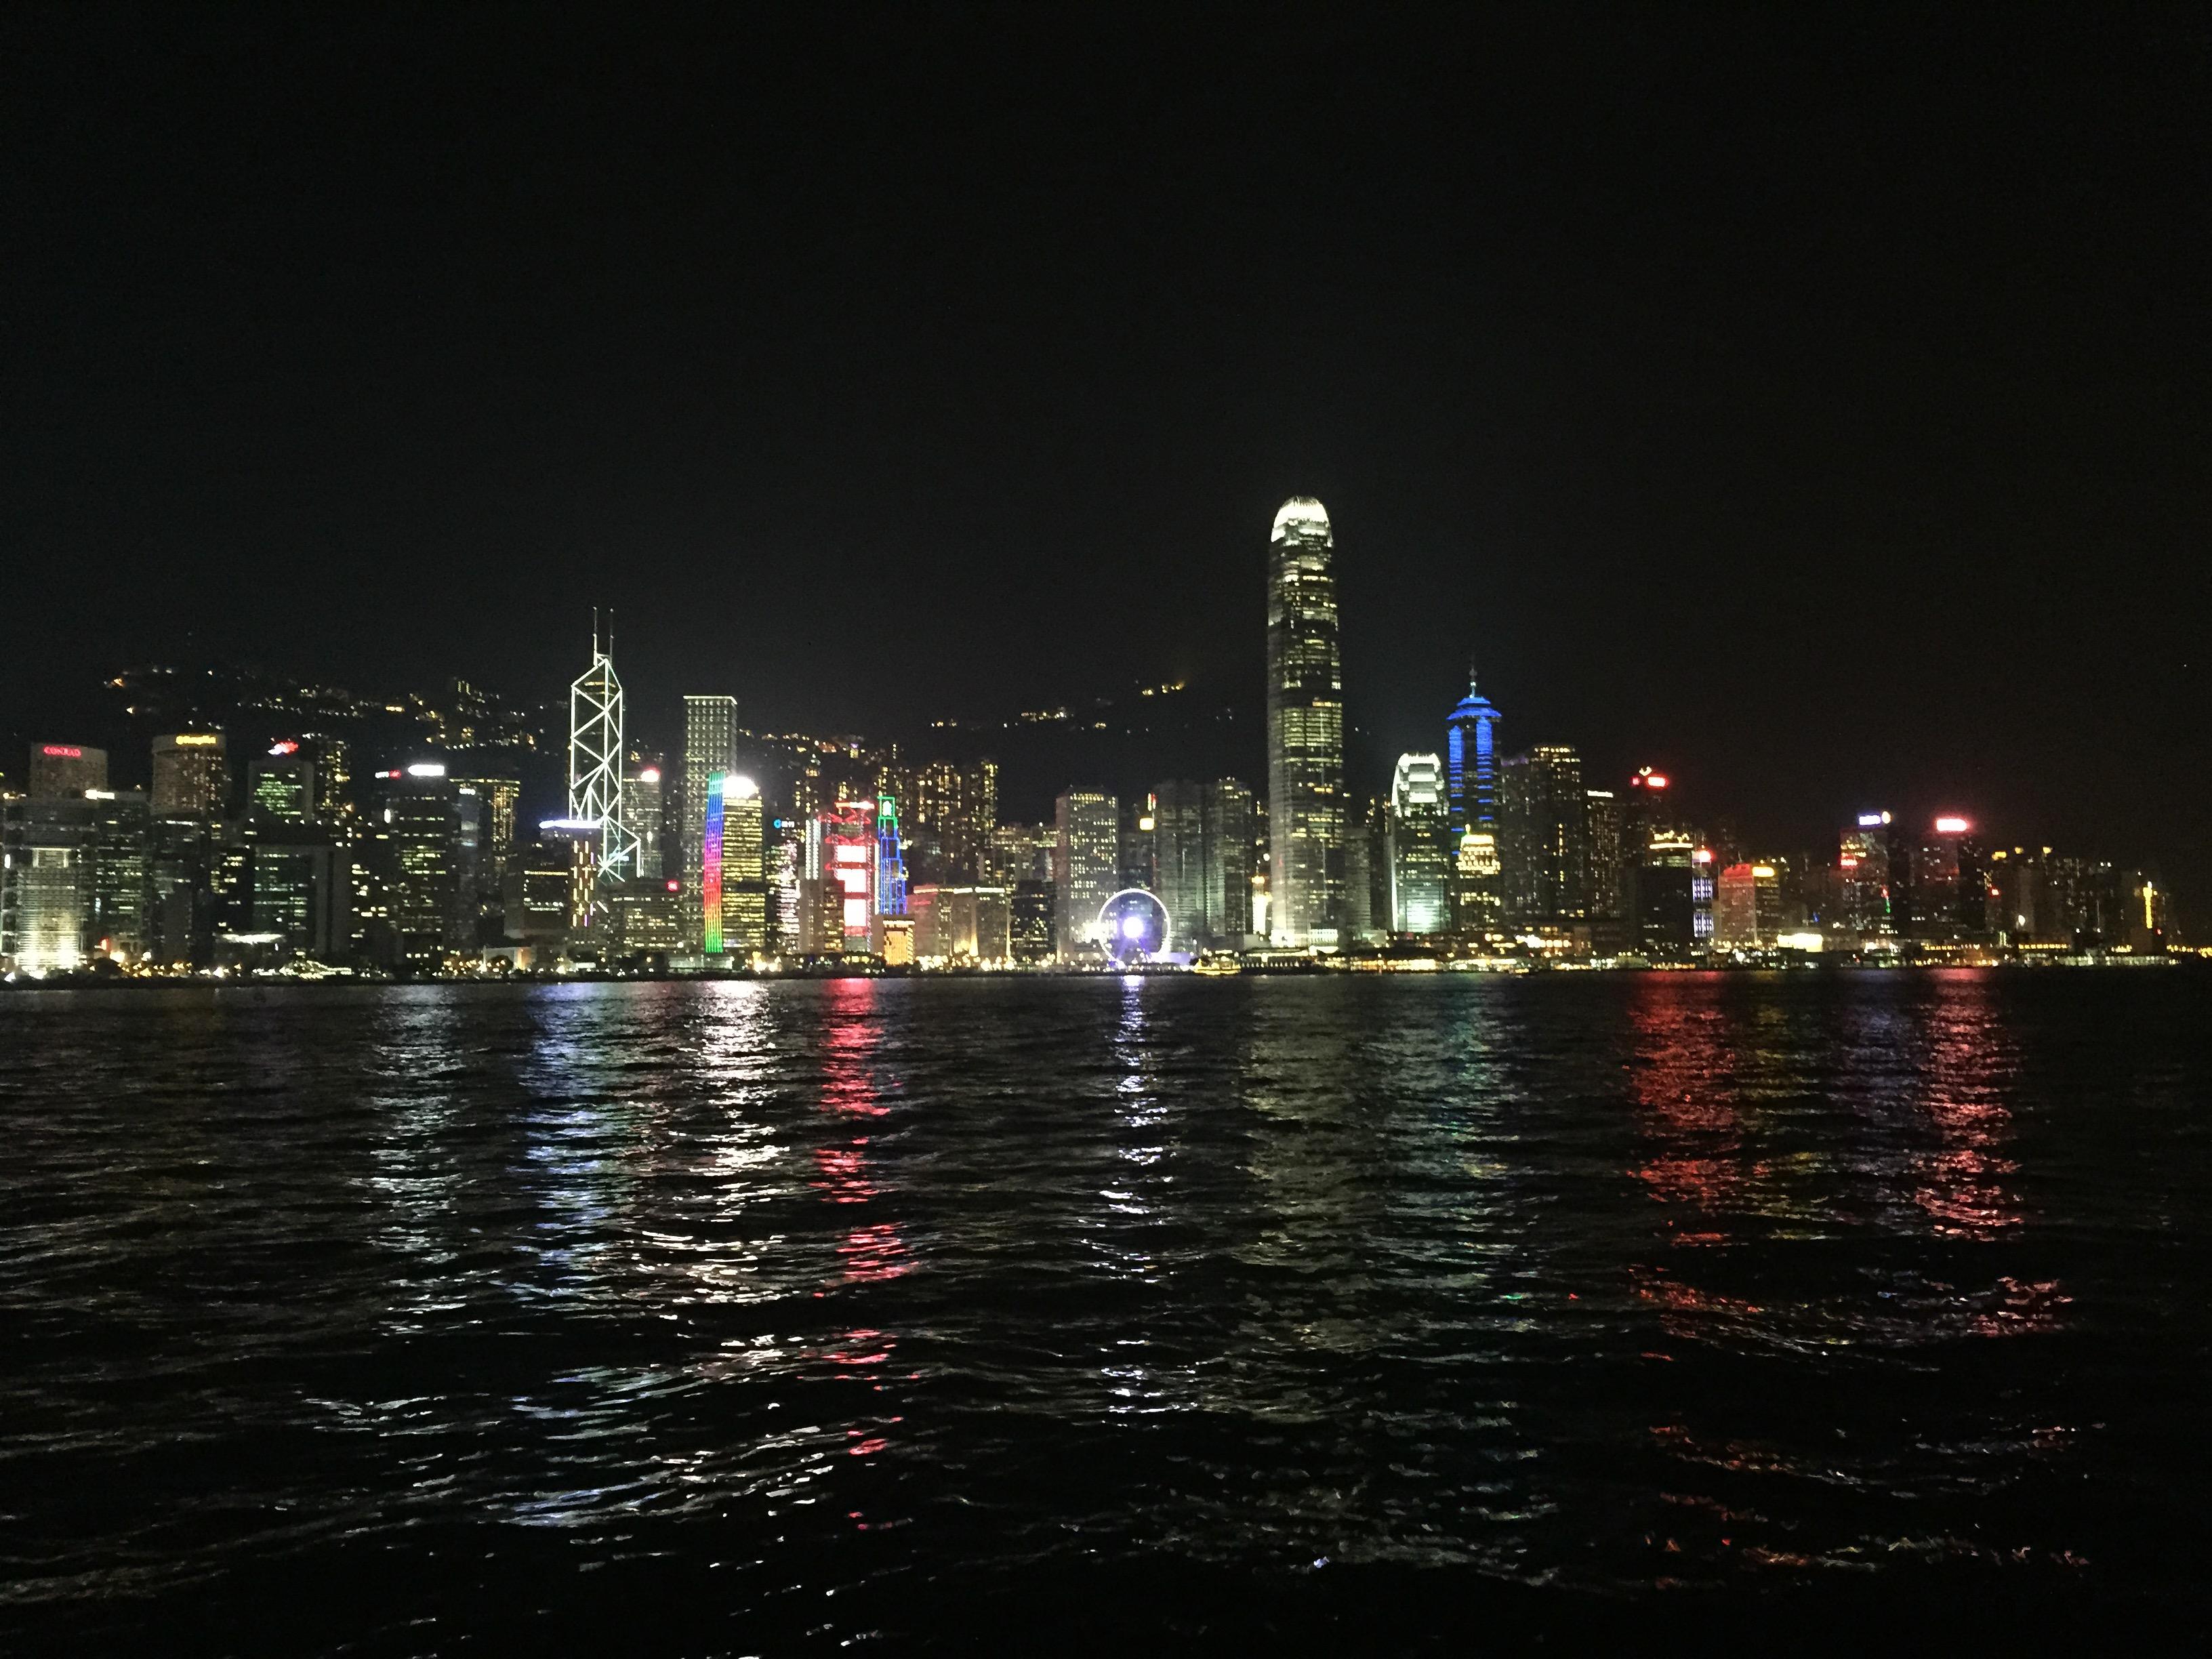 Victoria Harbour at night